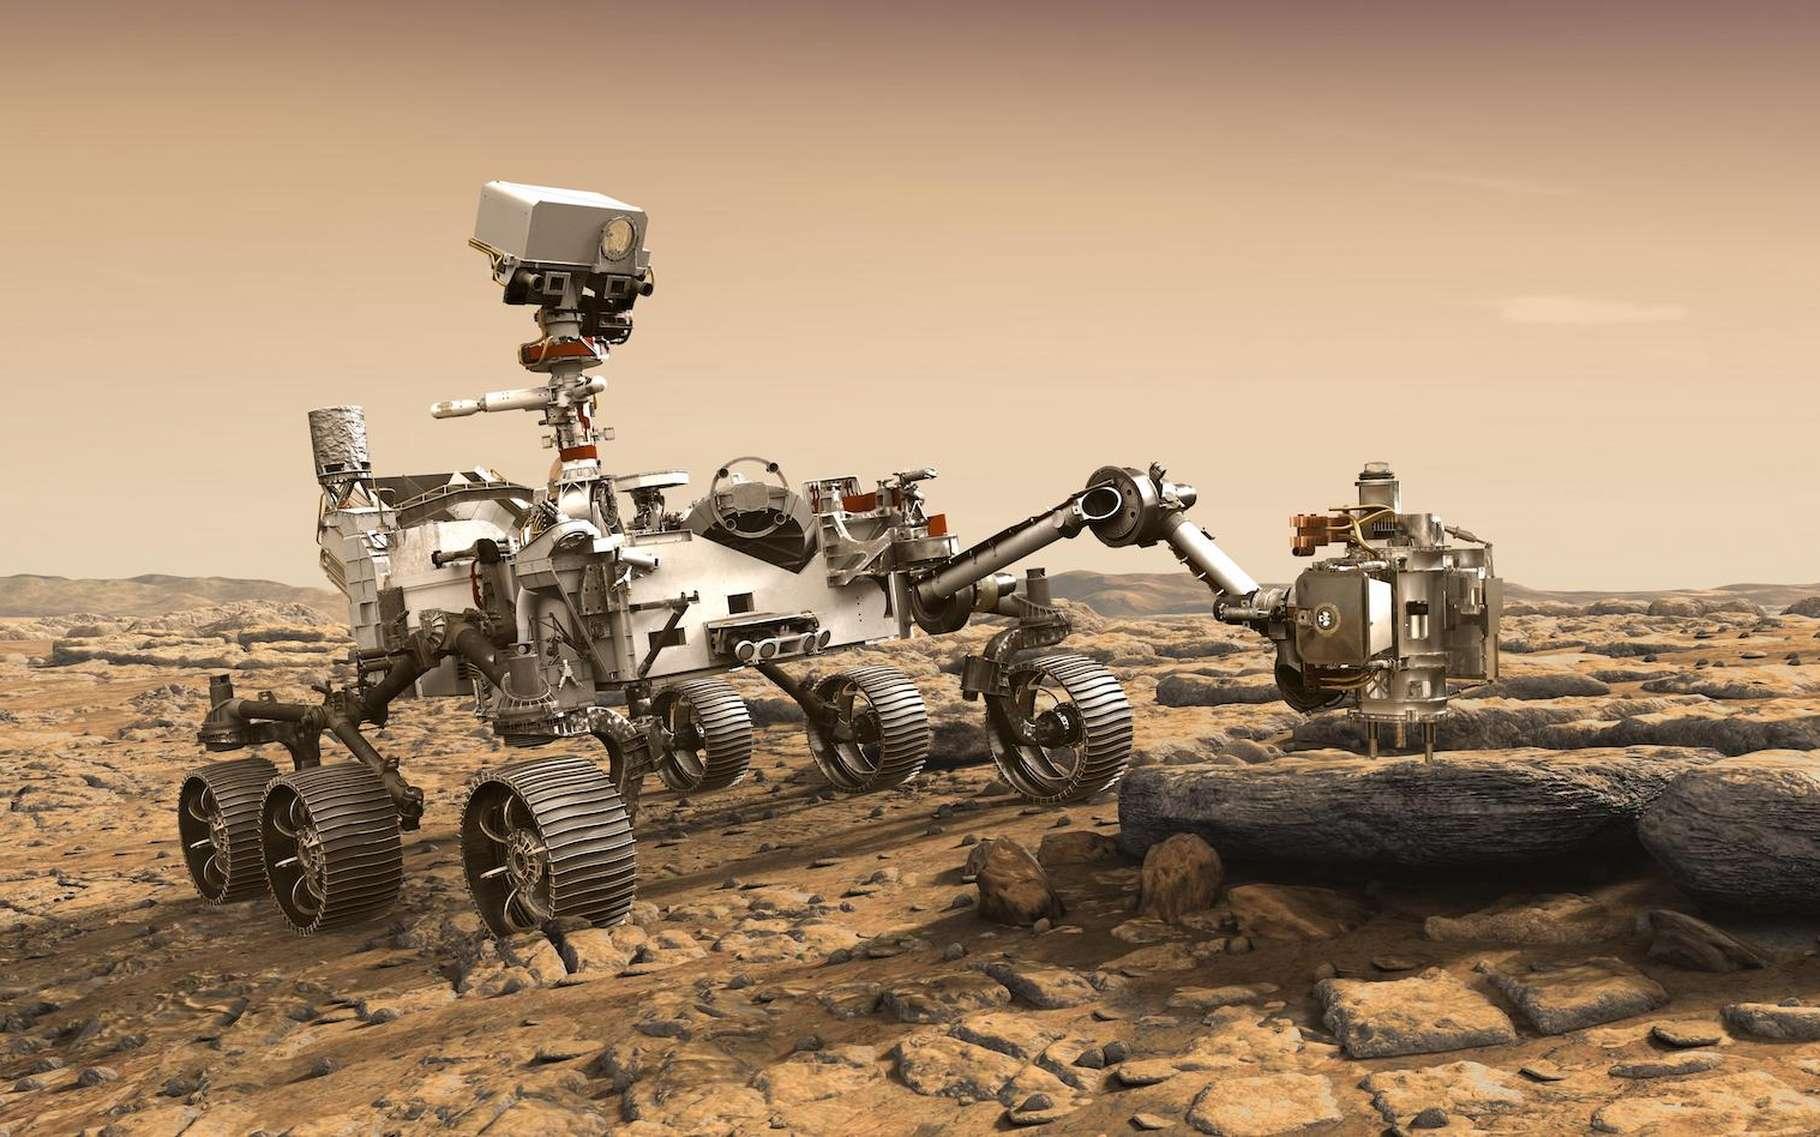 Perseverance est notamment attendu, car il prélèvera des échantillons de sol martien destinés à être ensuite ramenés sur Terre. © JPL-Caltech, Nasa